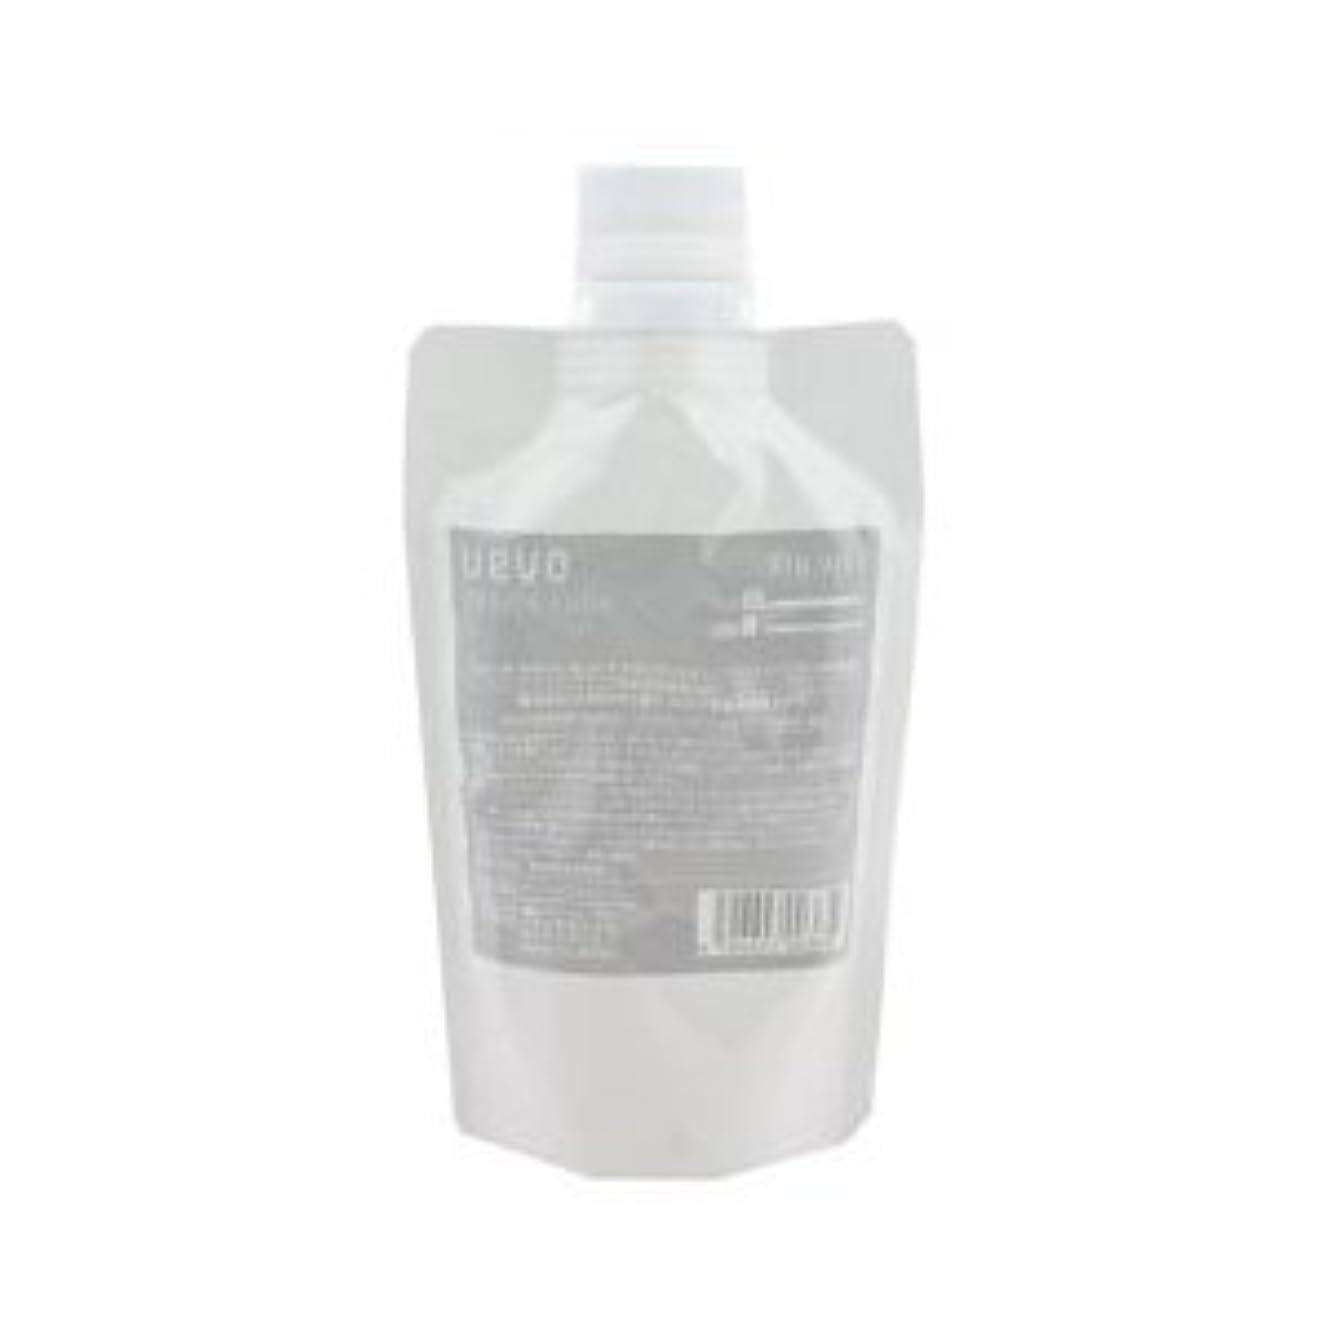 シャックルトンオリエンタル【X2個セット】 デミ ウェーボ デザインキューブ ドライワックス 200g 業務用 dry wax